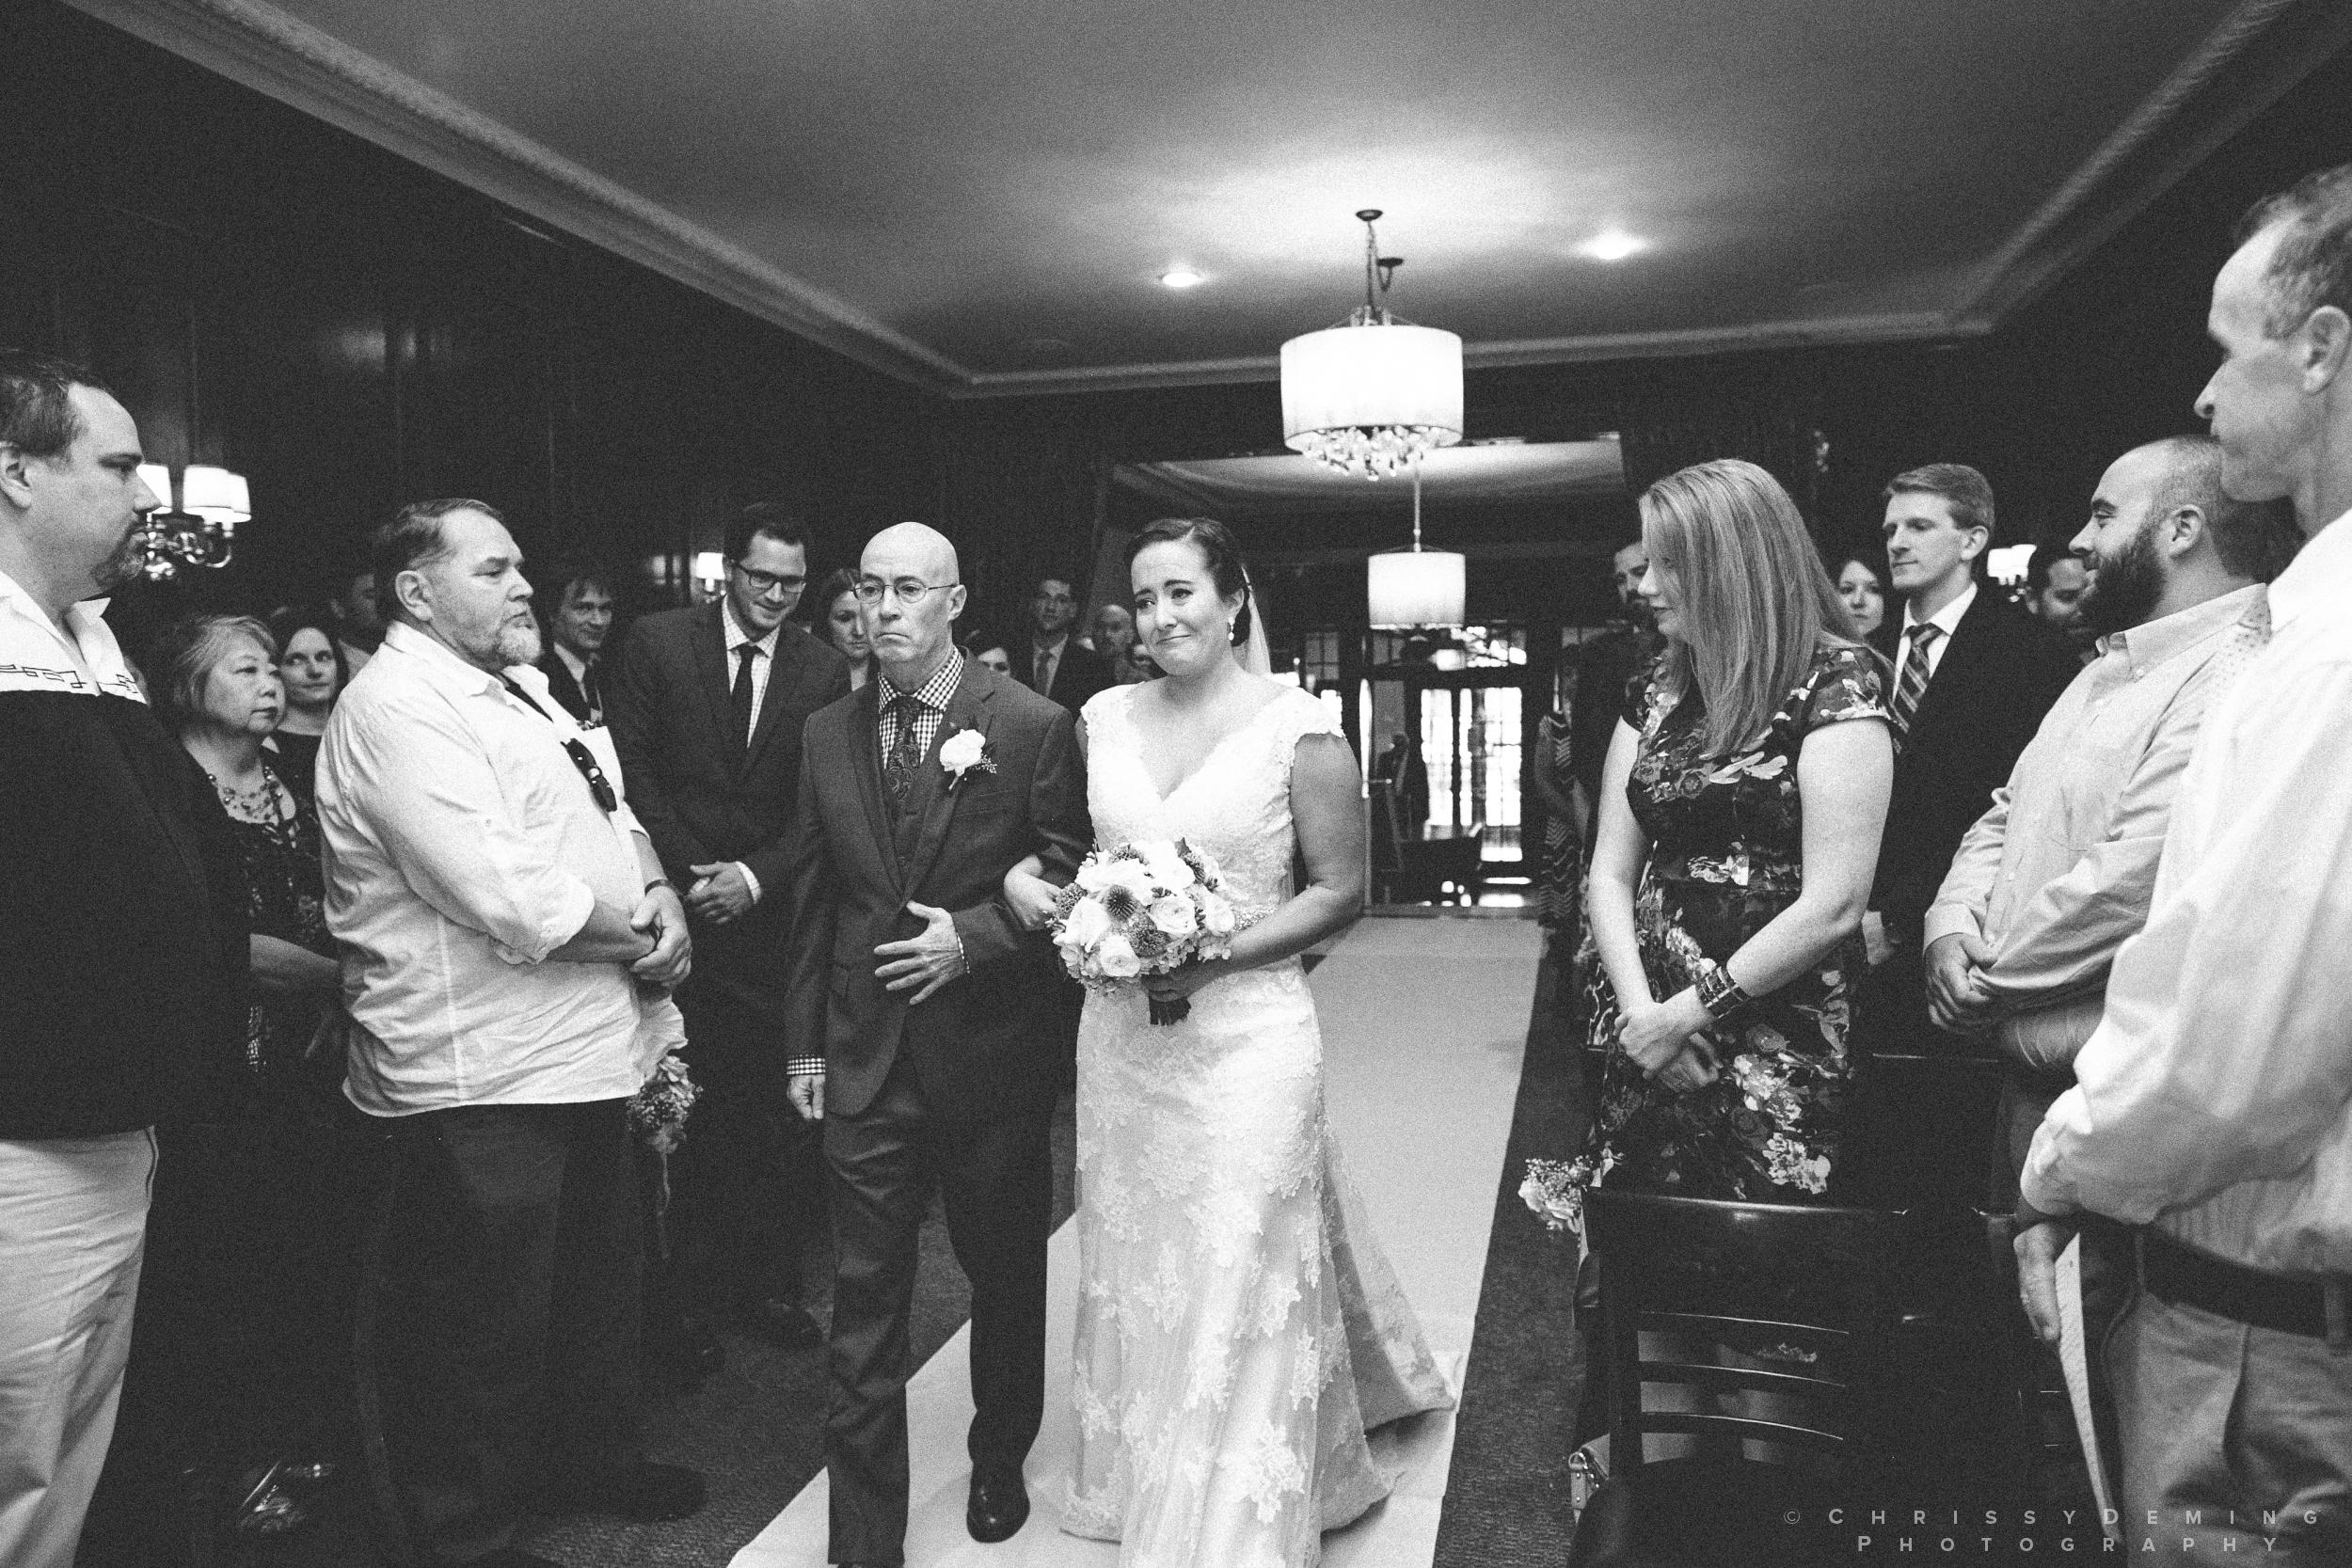 salvatores_chicago_ wedding_photographer_0042.jpg